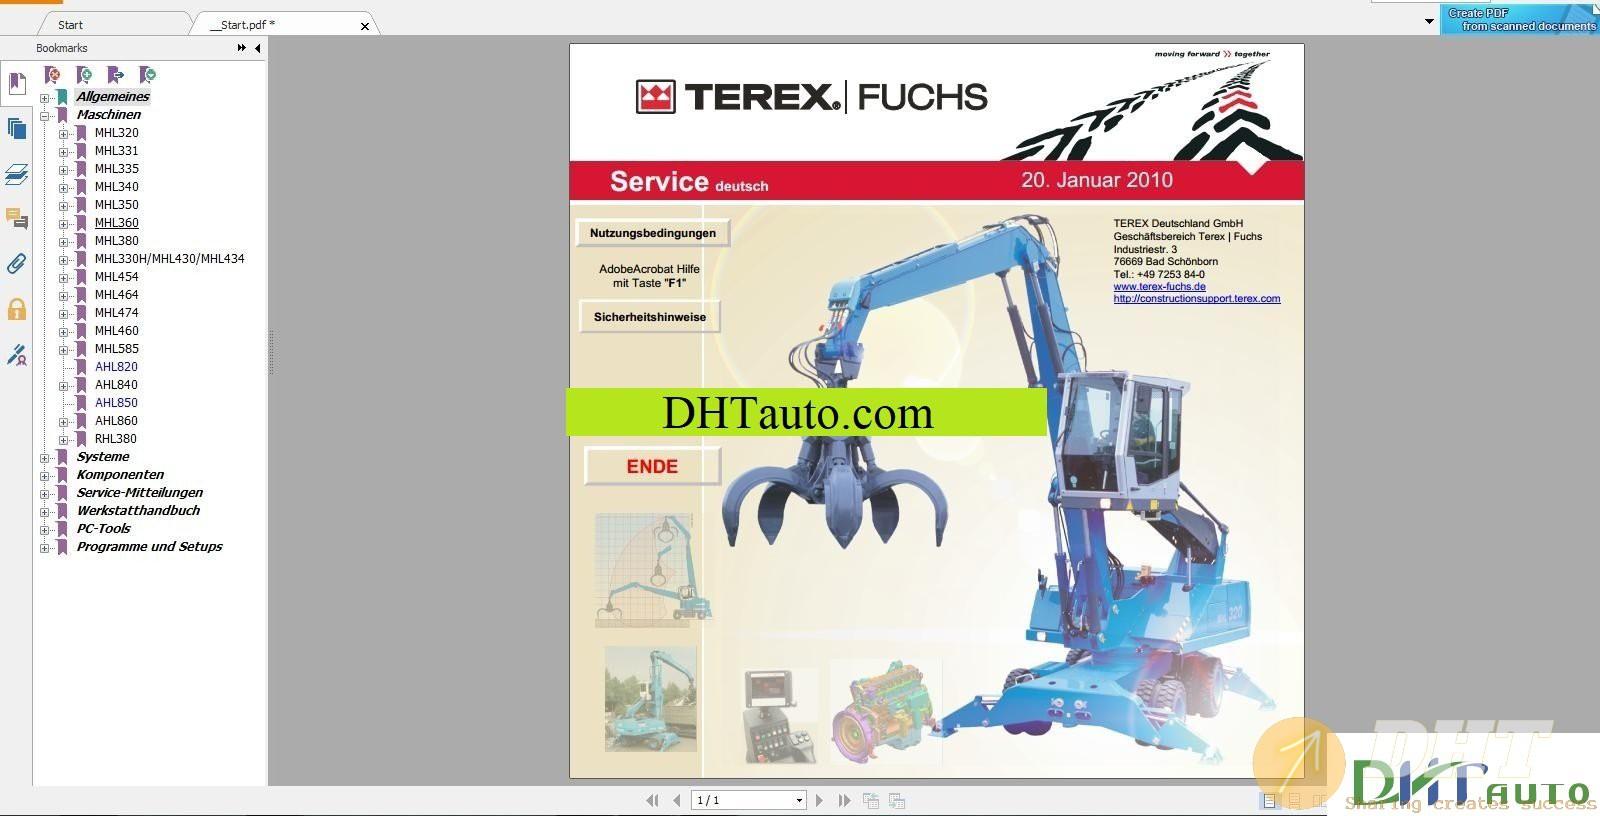 Terex Fuchs Service Repair Manual 2010 Full 2.jpg